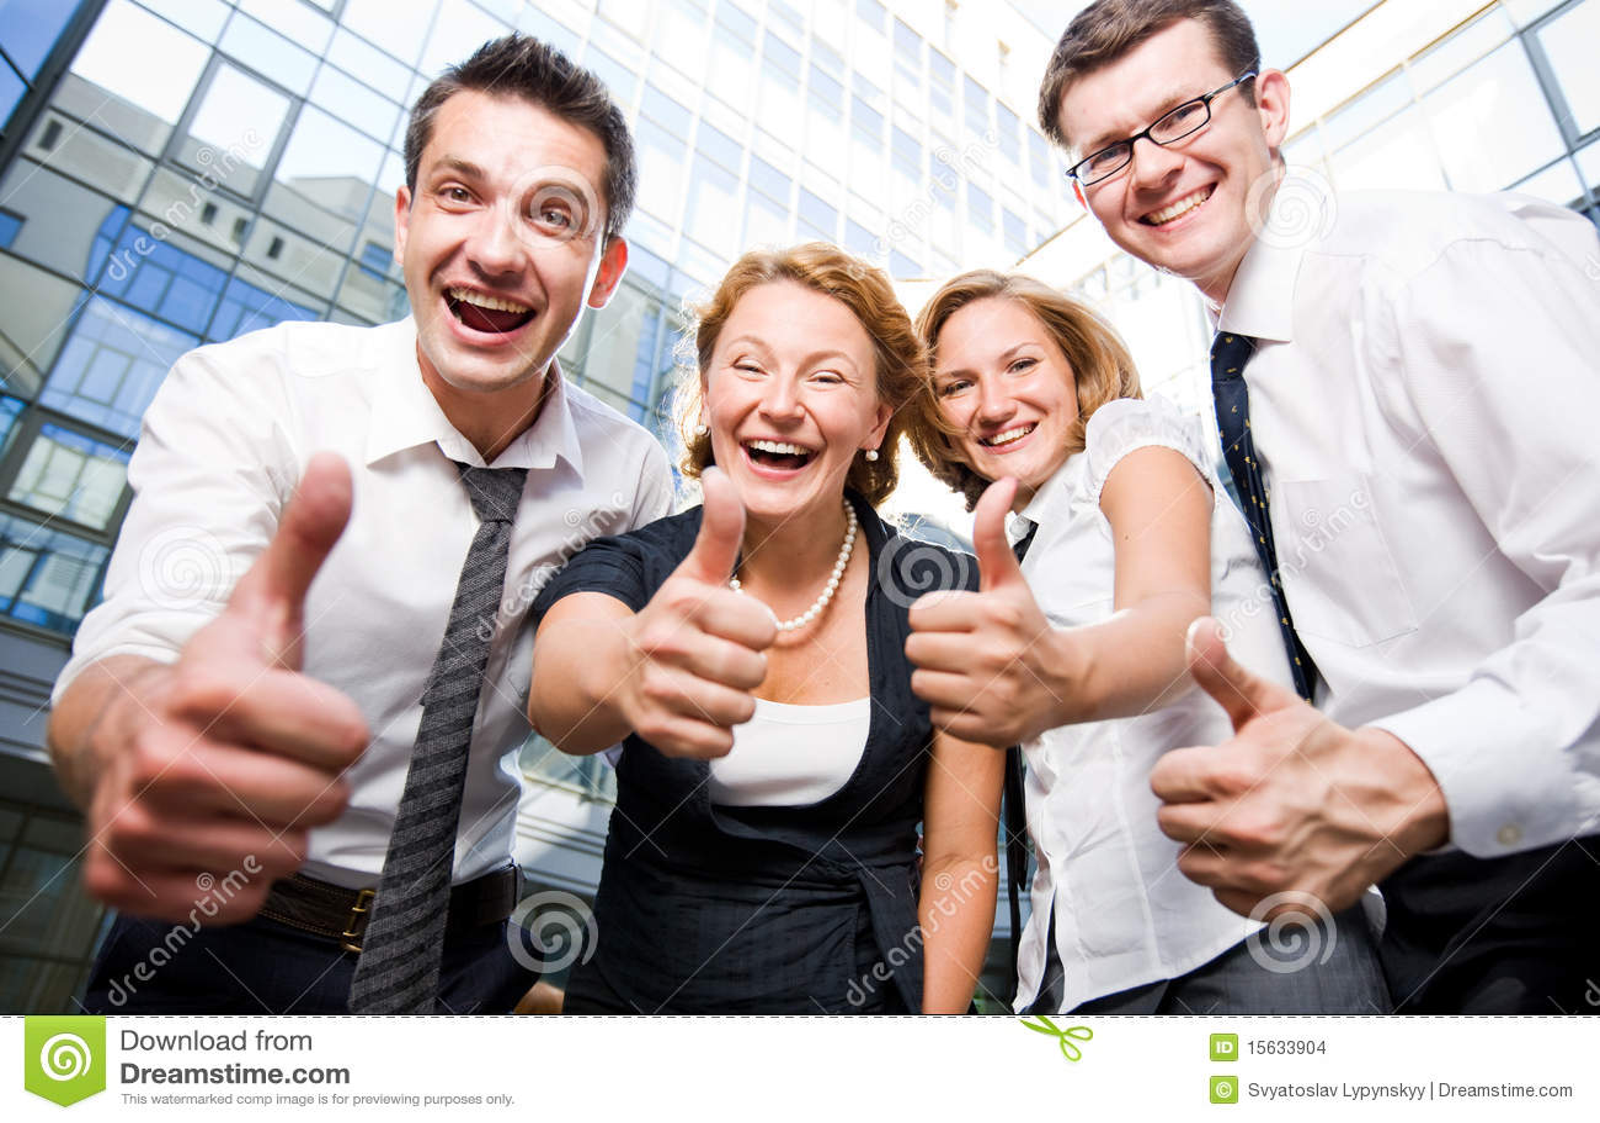 Feliz Personas Exitosas En Caricaturas: Happy Office Workers Stock Photo. Image Of Male, Happy